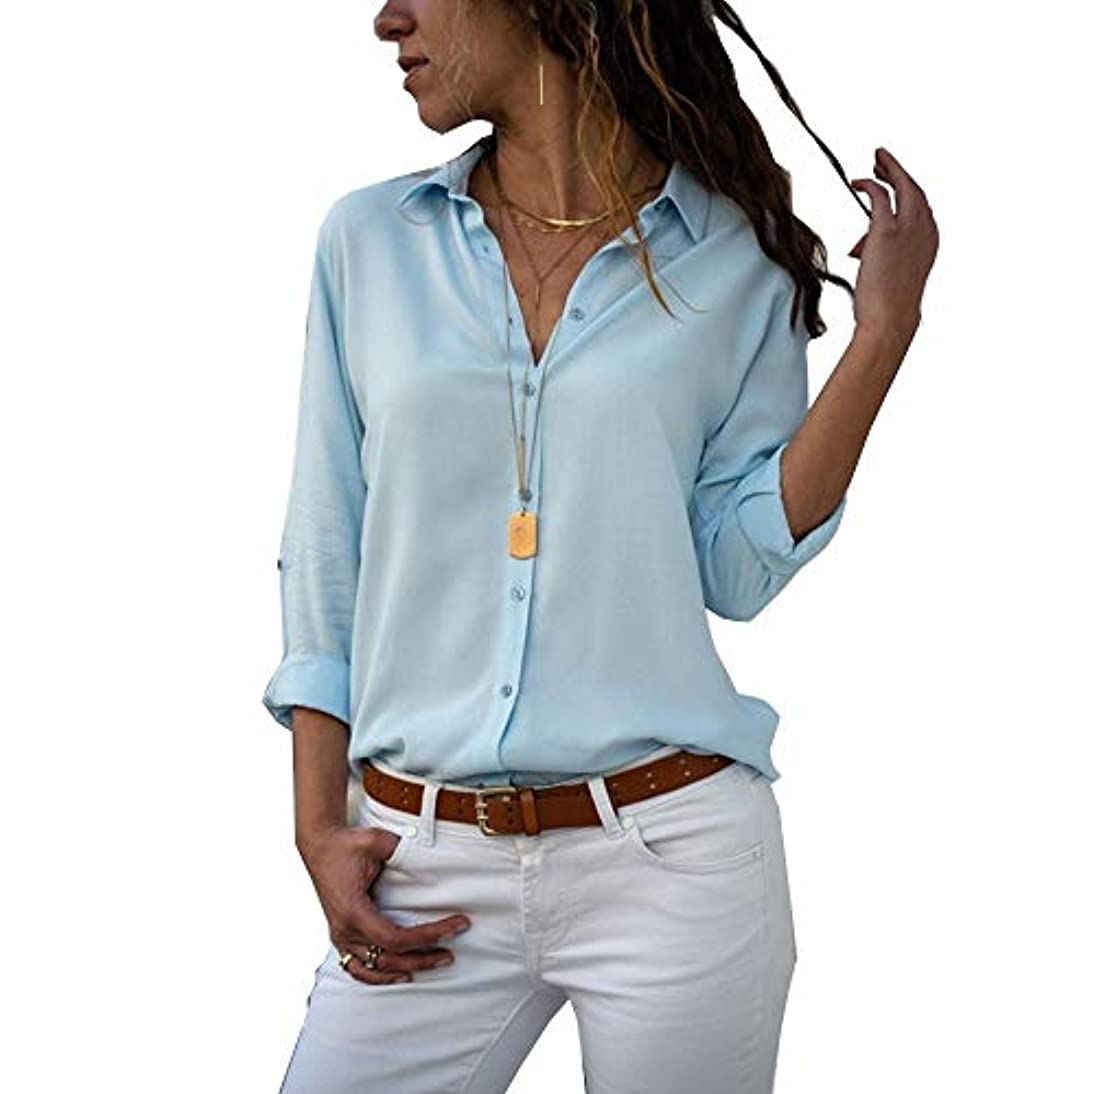 セメントセメント強化MIFAN ルーズシャツ、トップス&Tシャツ、プラスサイズ、トップス&ブラウス、シフォンブラウス、女性トップス、シフォンシャツ